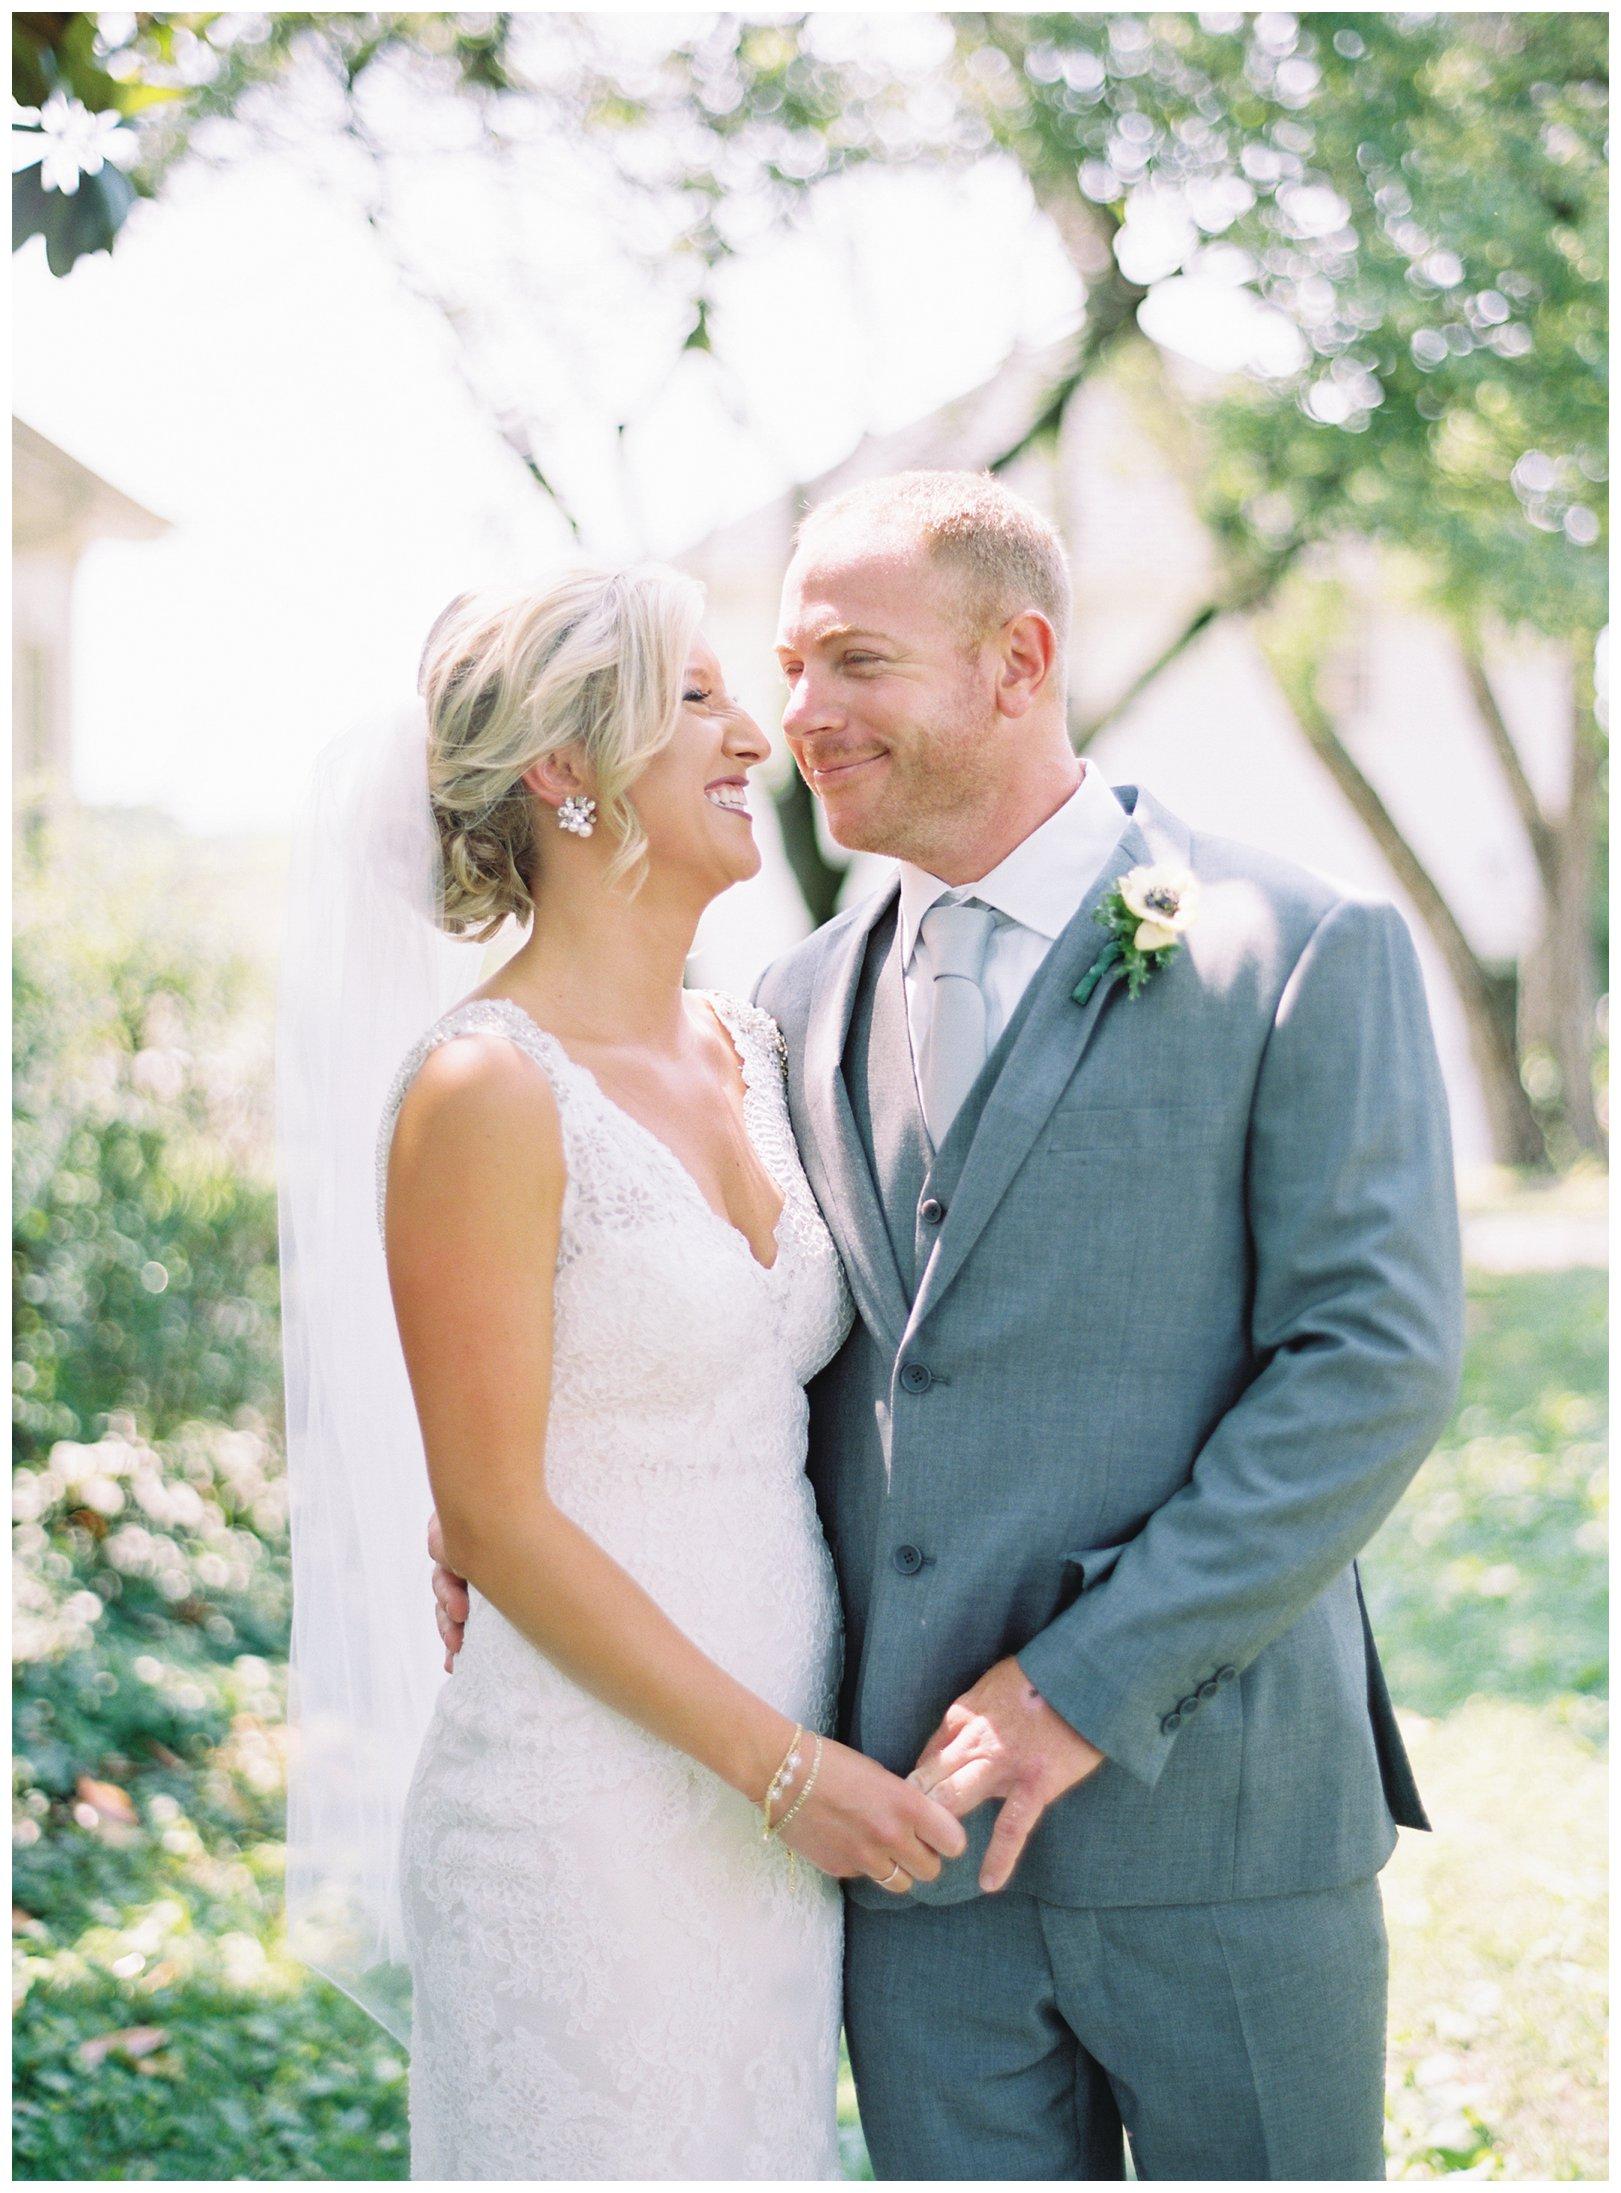 lauren muckler photography_fine art film wedding photography_st louis_photography_2366.jpg